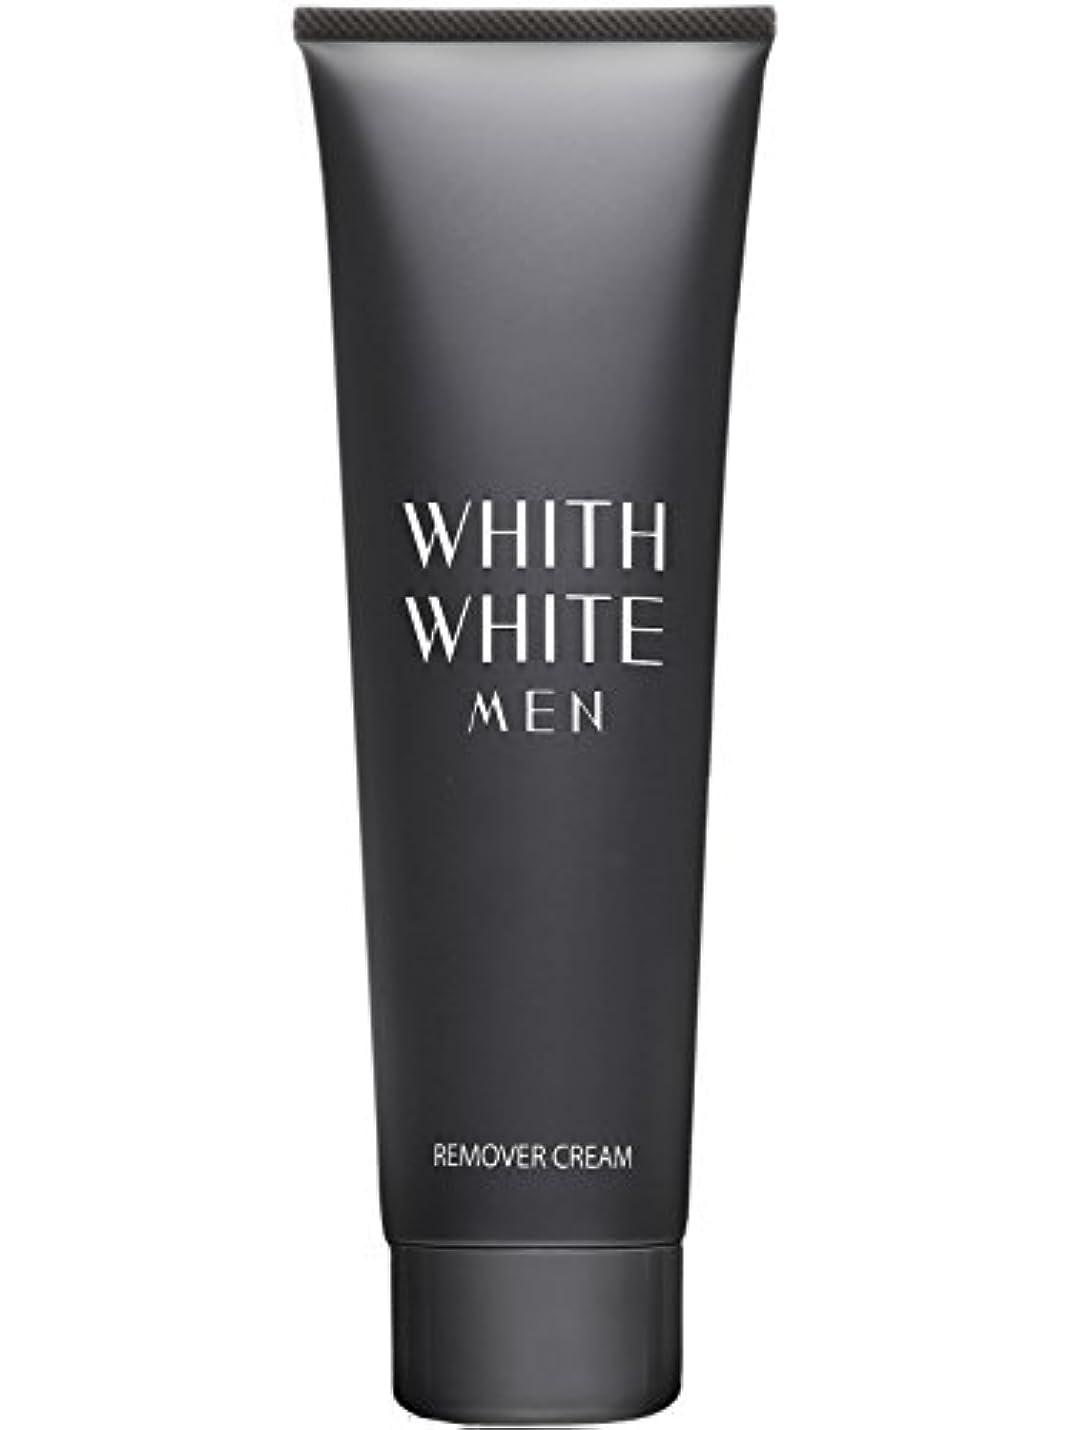 急勾配の蒸発ラブ医薬部外品 フィス ホワイト メンズ 除毛クリーム リムーバークリーム 陰部 使用可能 210g